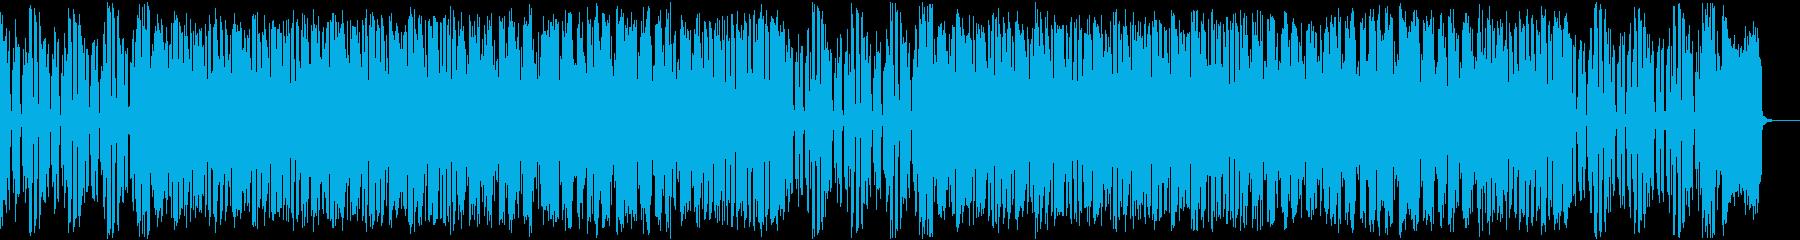 スカ/クール/ギャング/かっこいいの再生済みの波形